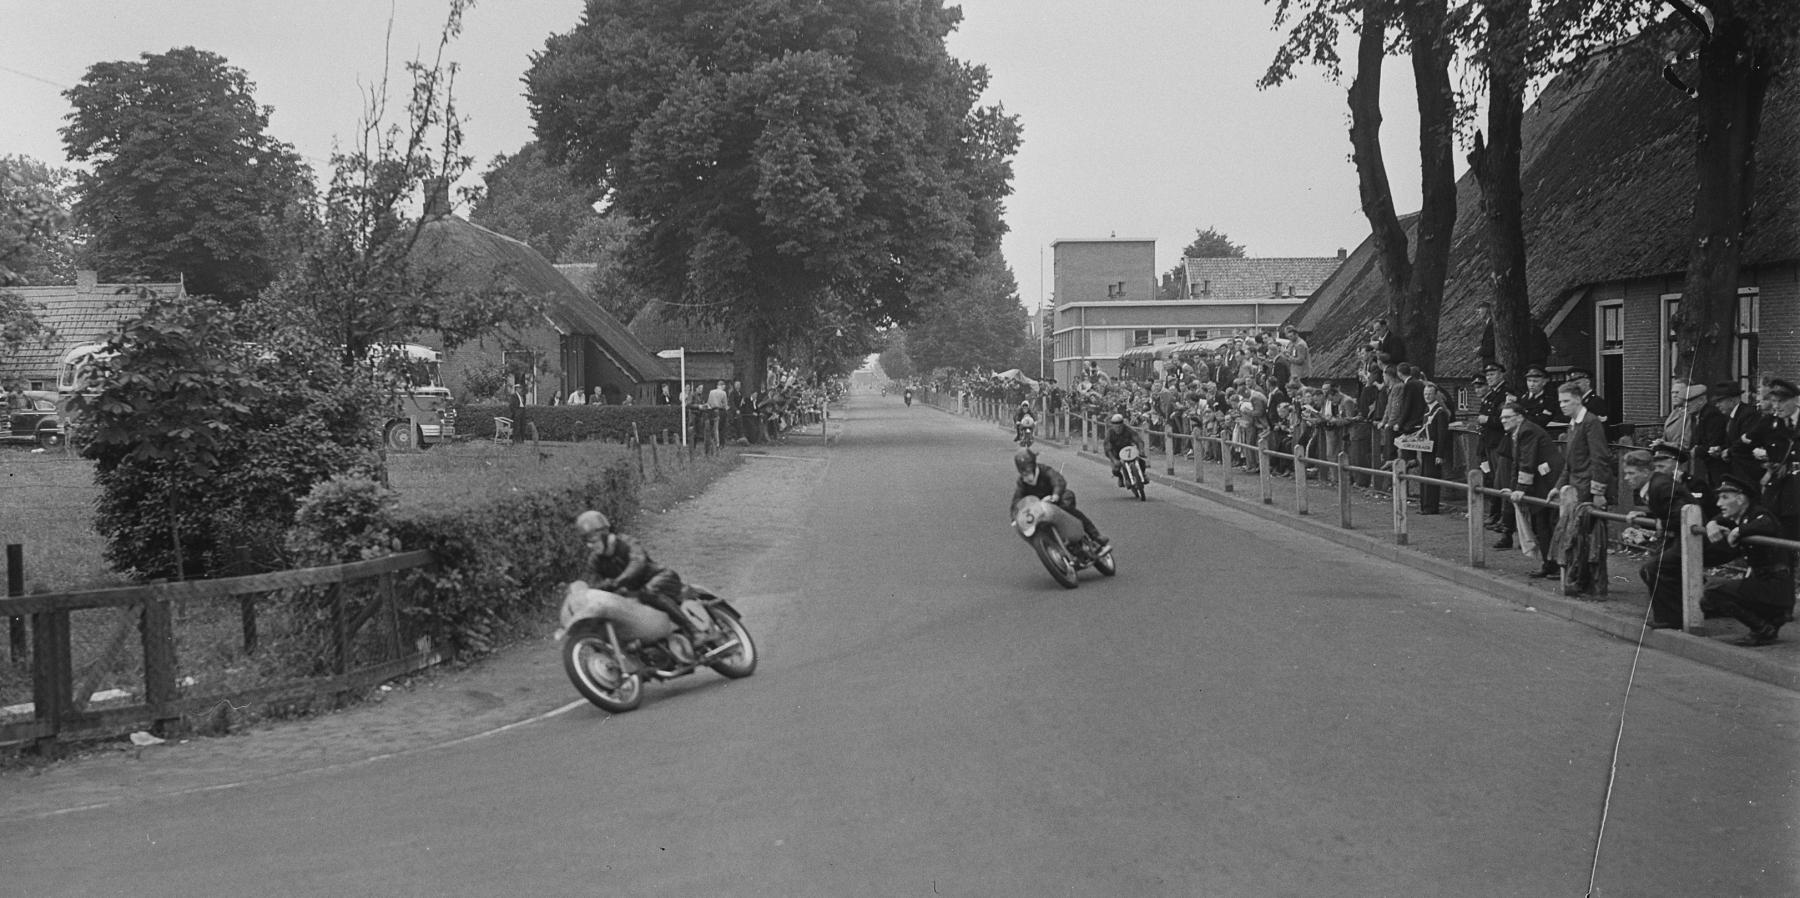 zaak 1316360 - stichting tt hooghalen-Beelden TT uit 1953 - Hoofdstraat